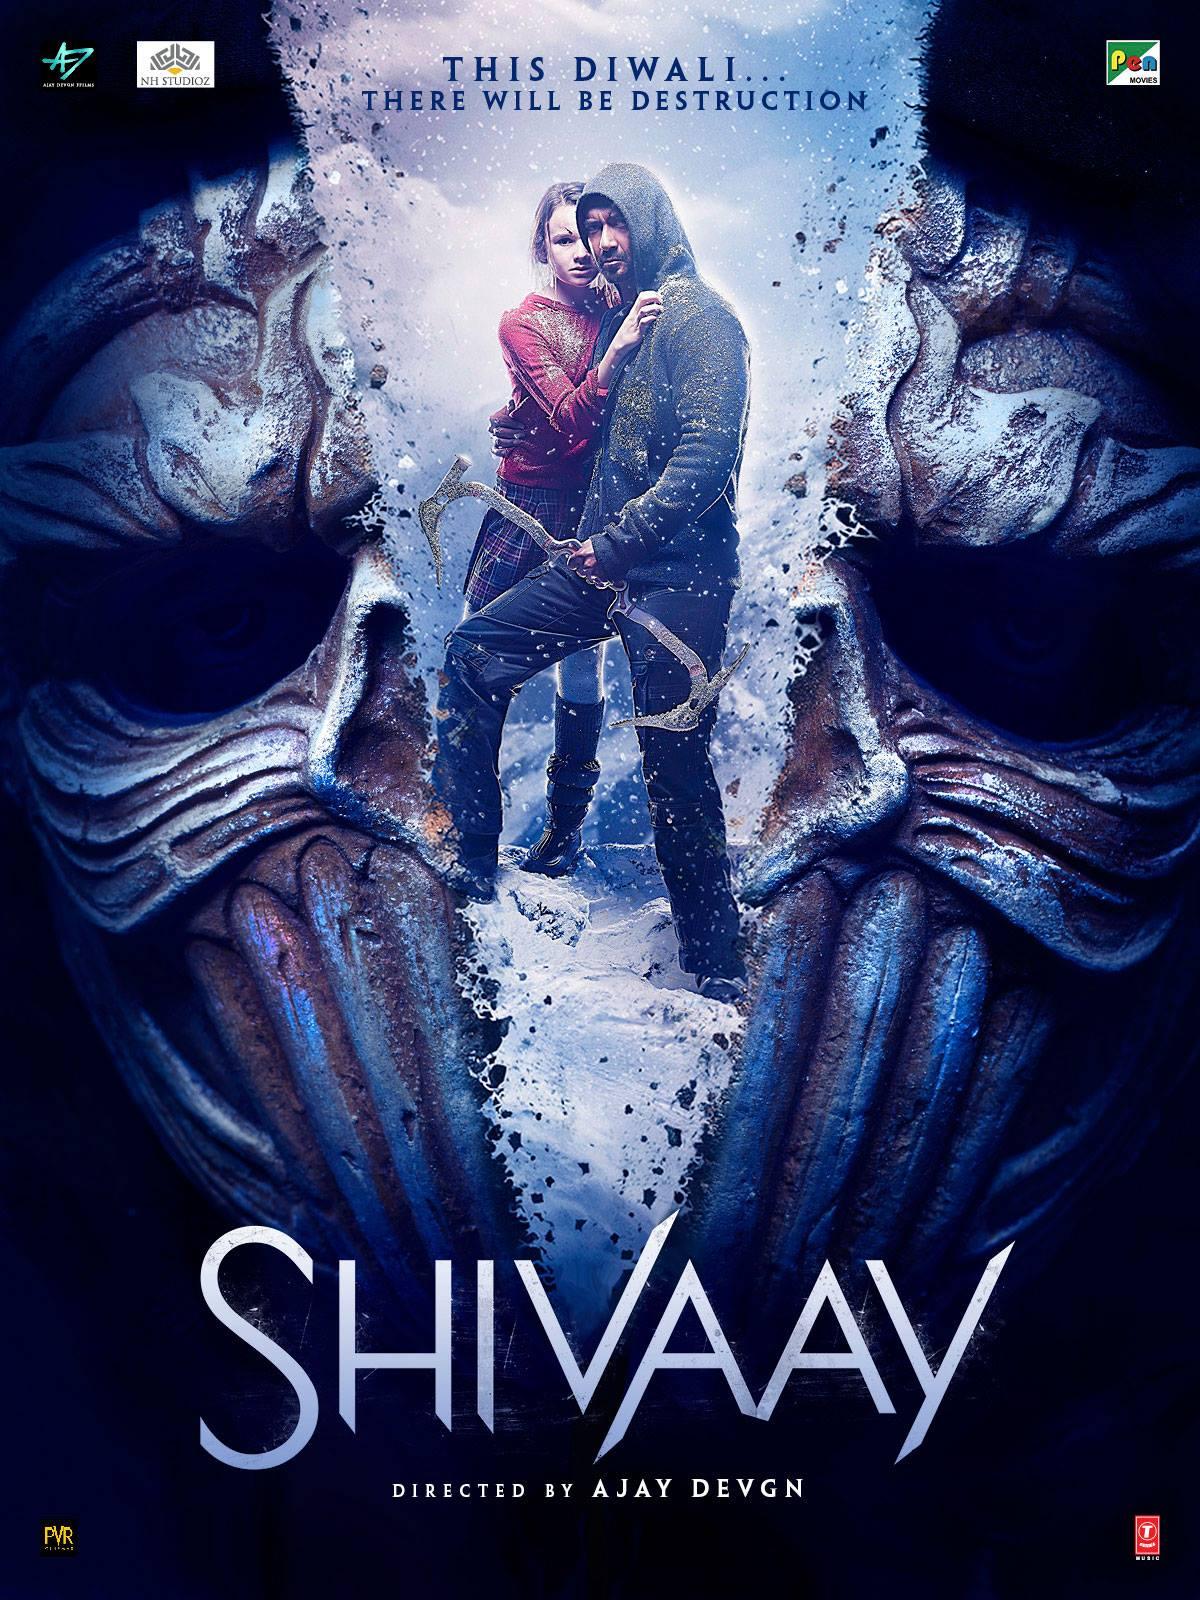 Shivaay Movie Poster Ajay Devgan Full HD Wallpaper